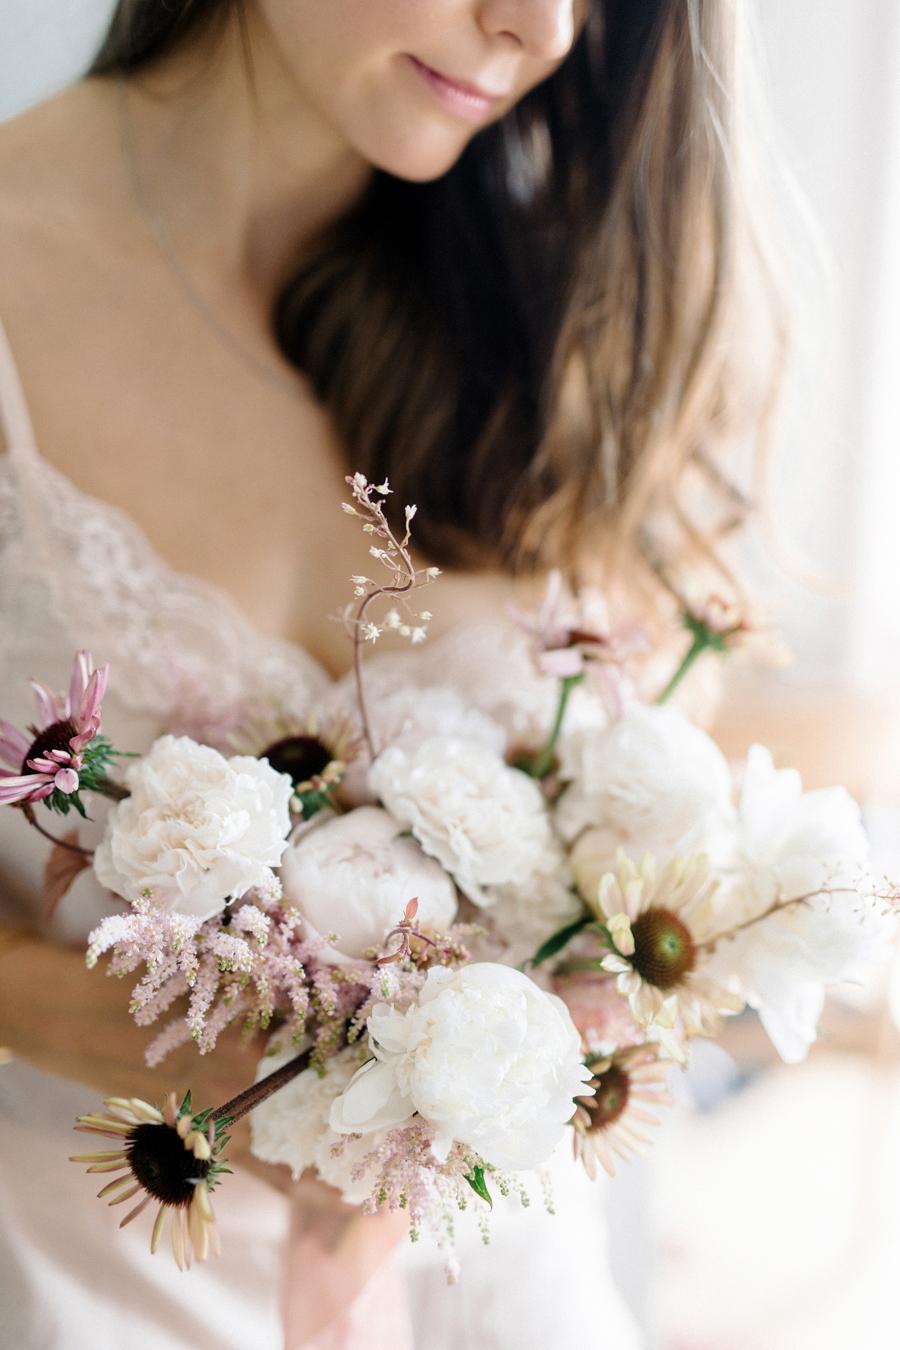 Huomenlahjakuvaus Helsinki, St. George Hotelli, Bridal Shoot, Bride to Be, Boudoir Shoot at a hotel in Finland, Hääkuvaus, Hääkuvaaja, Destination Wedding Photographer